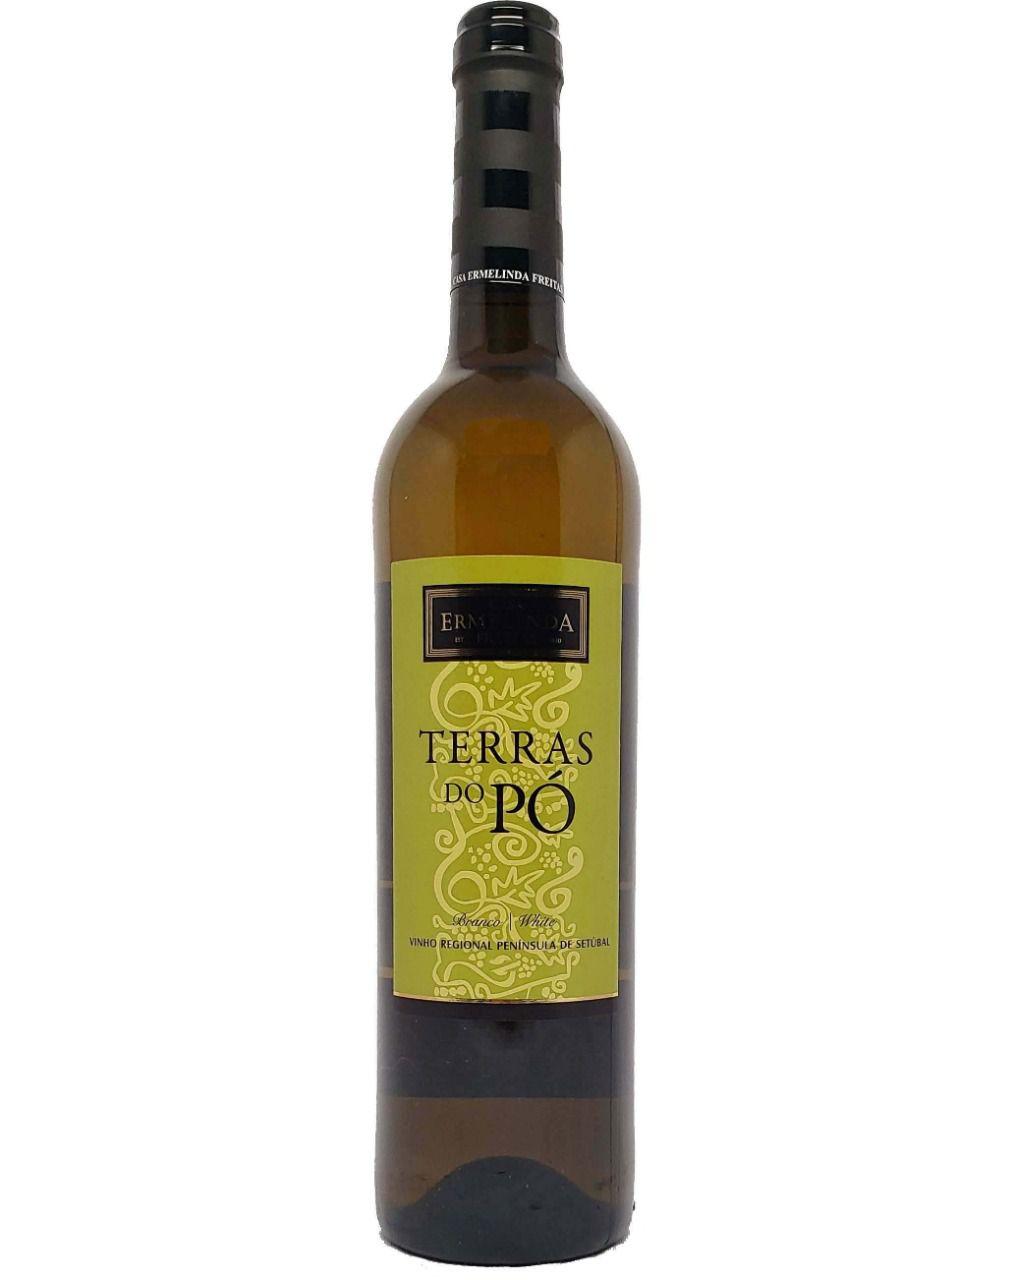 Vinho Branco Terras do Pó Casa Ermelinda Freitas - 750ml -